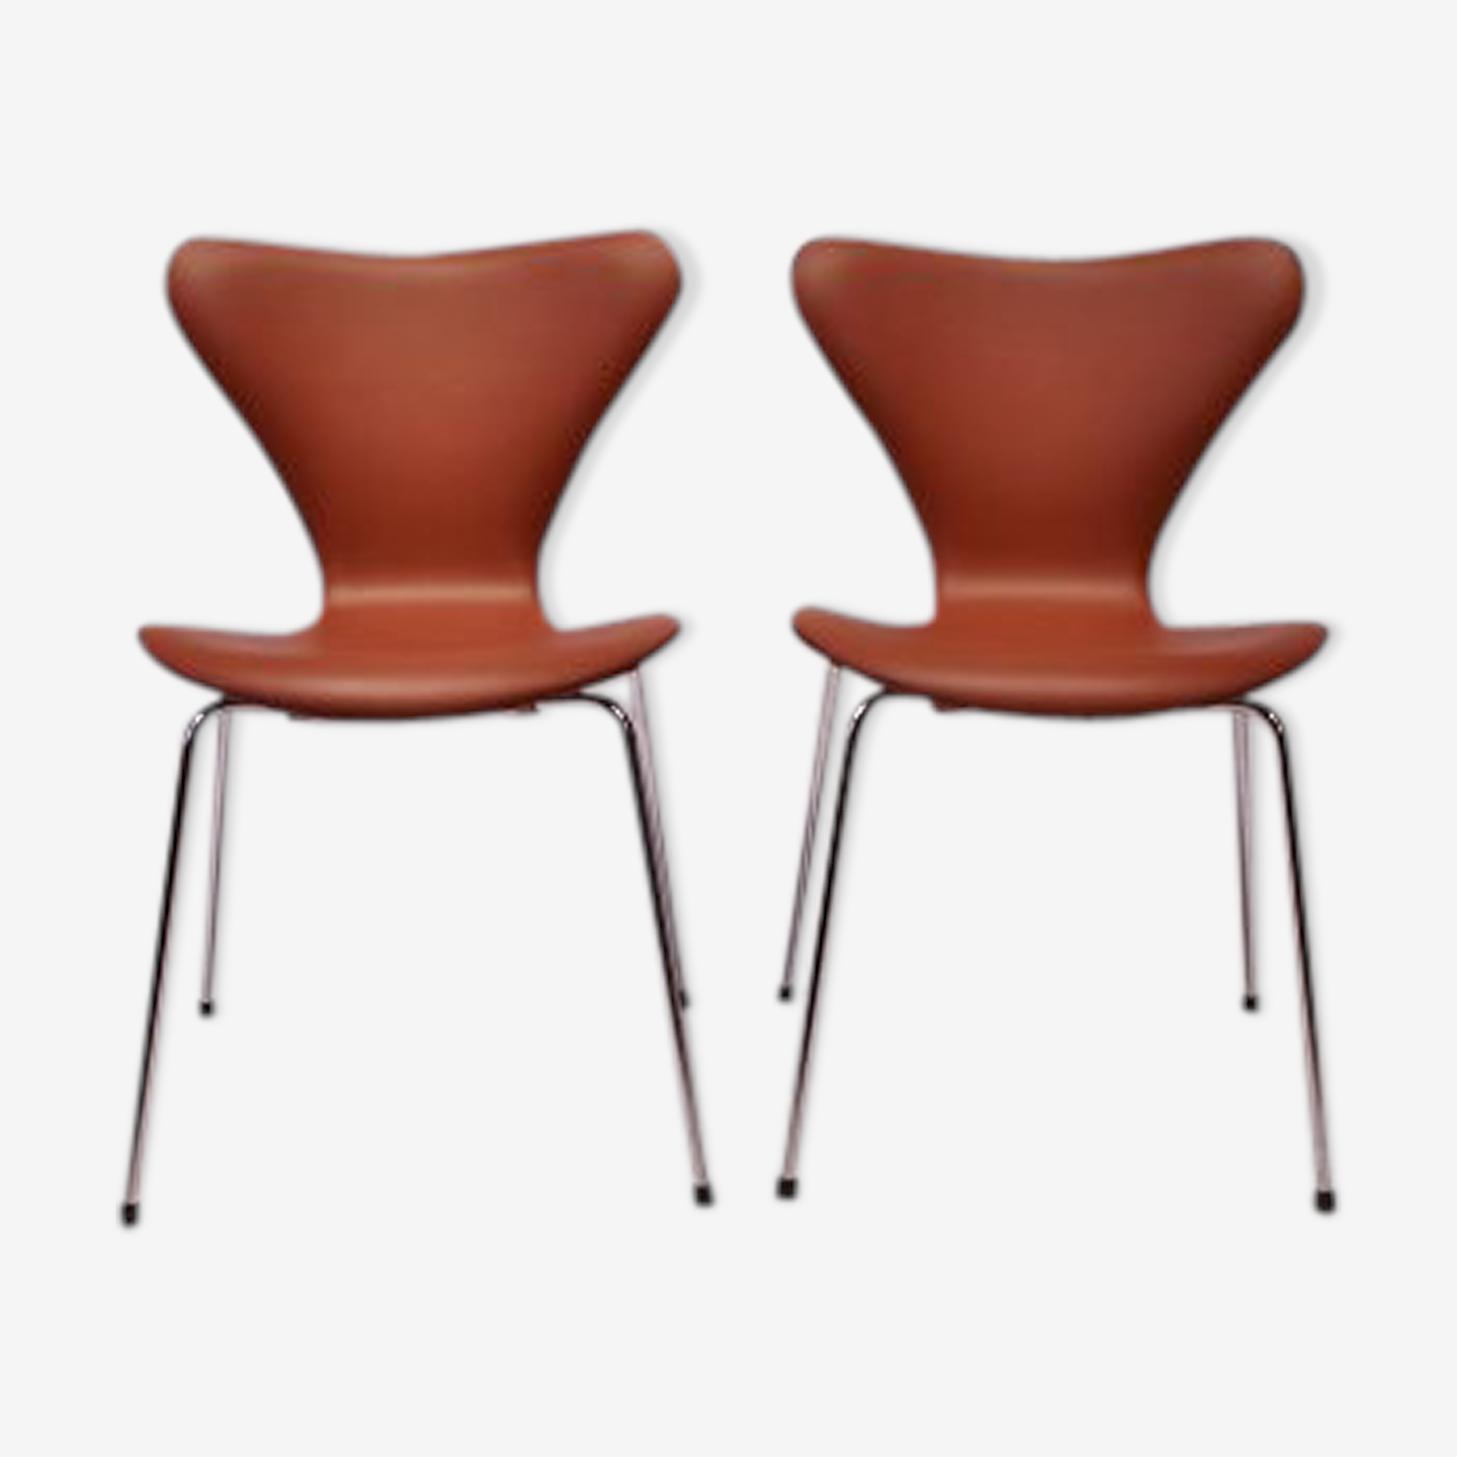 Chaises par Arne Jacobsen pour Fritz Hansen